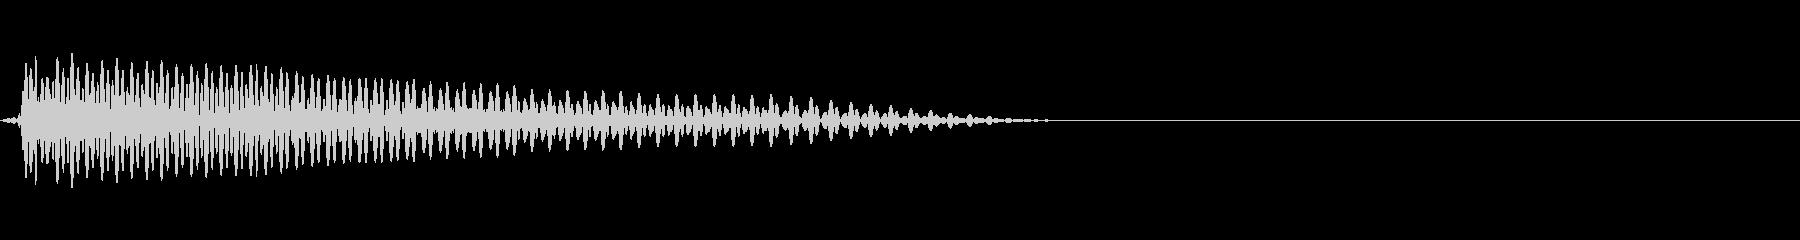 【ベース】ブゥーン!(低)の未再生の波形